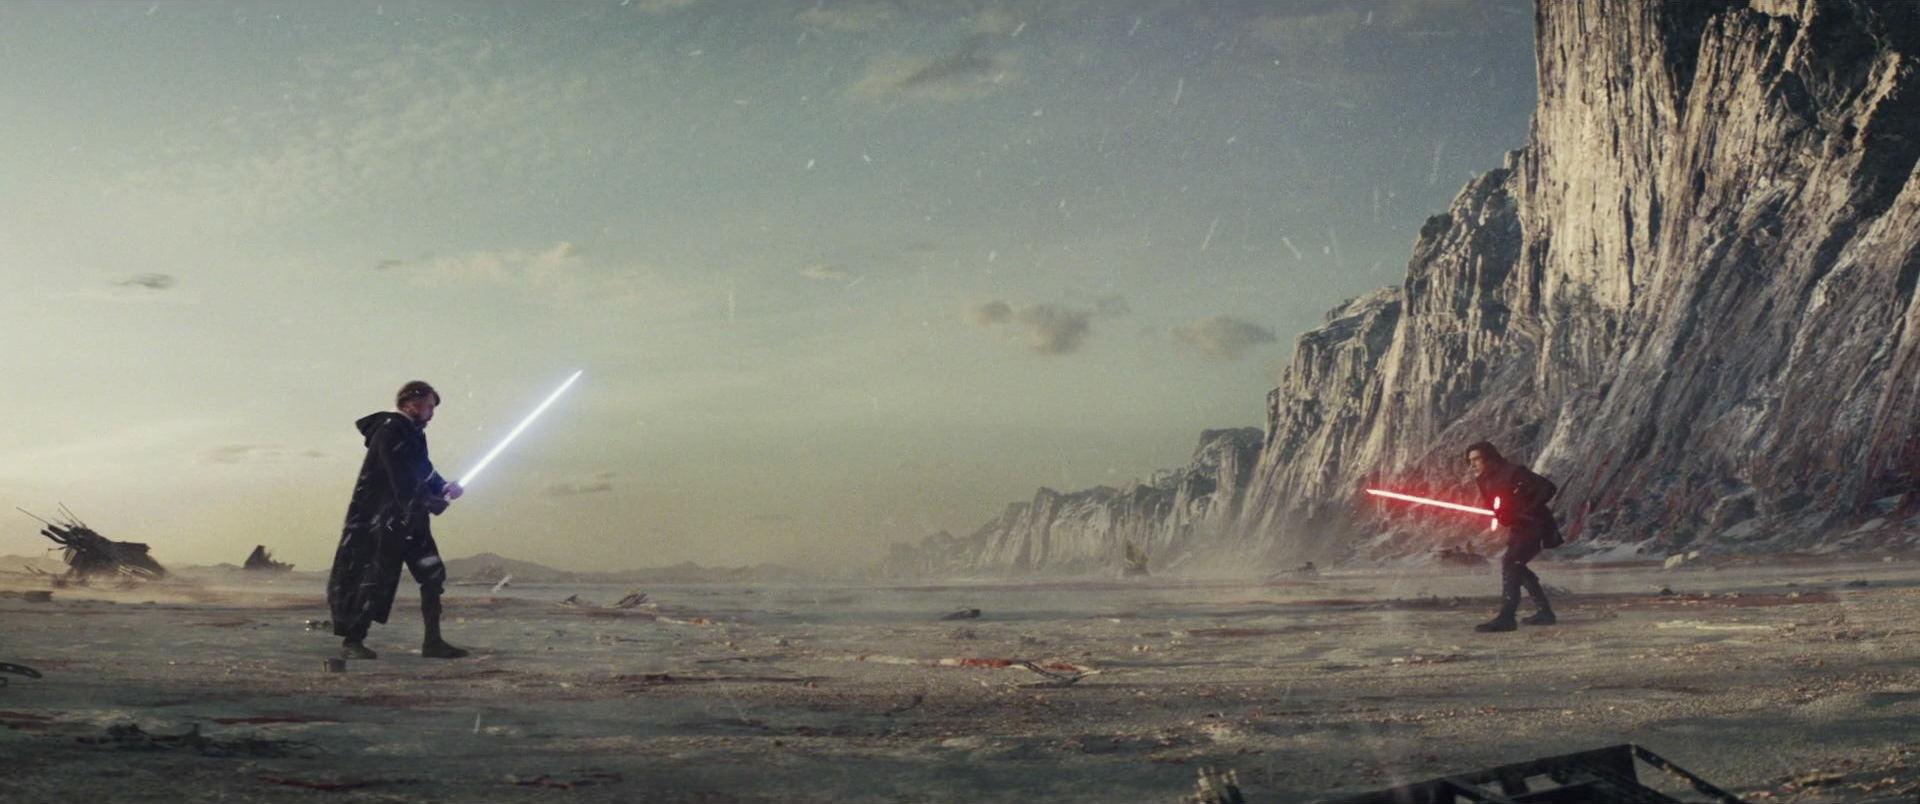 The Last Jedi Luke Skywalker vs Kylo Ren